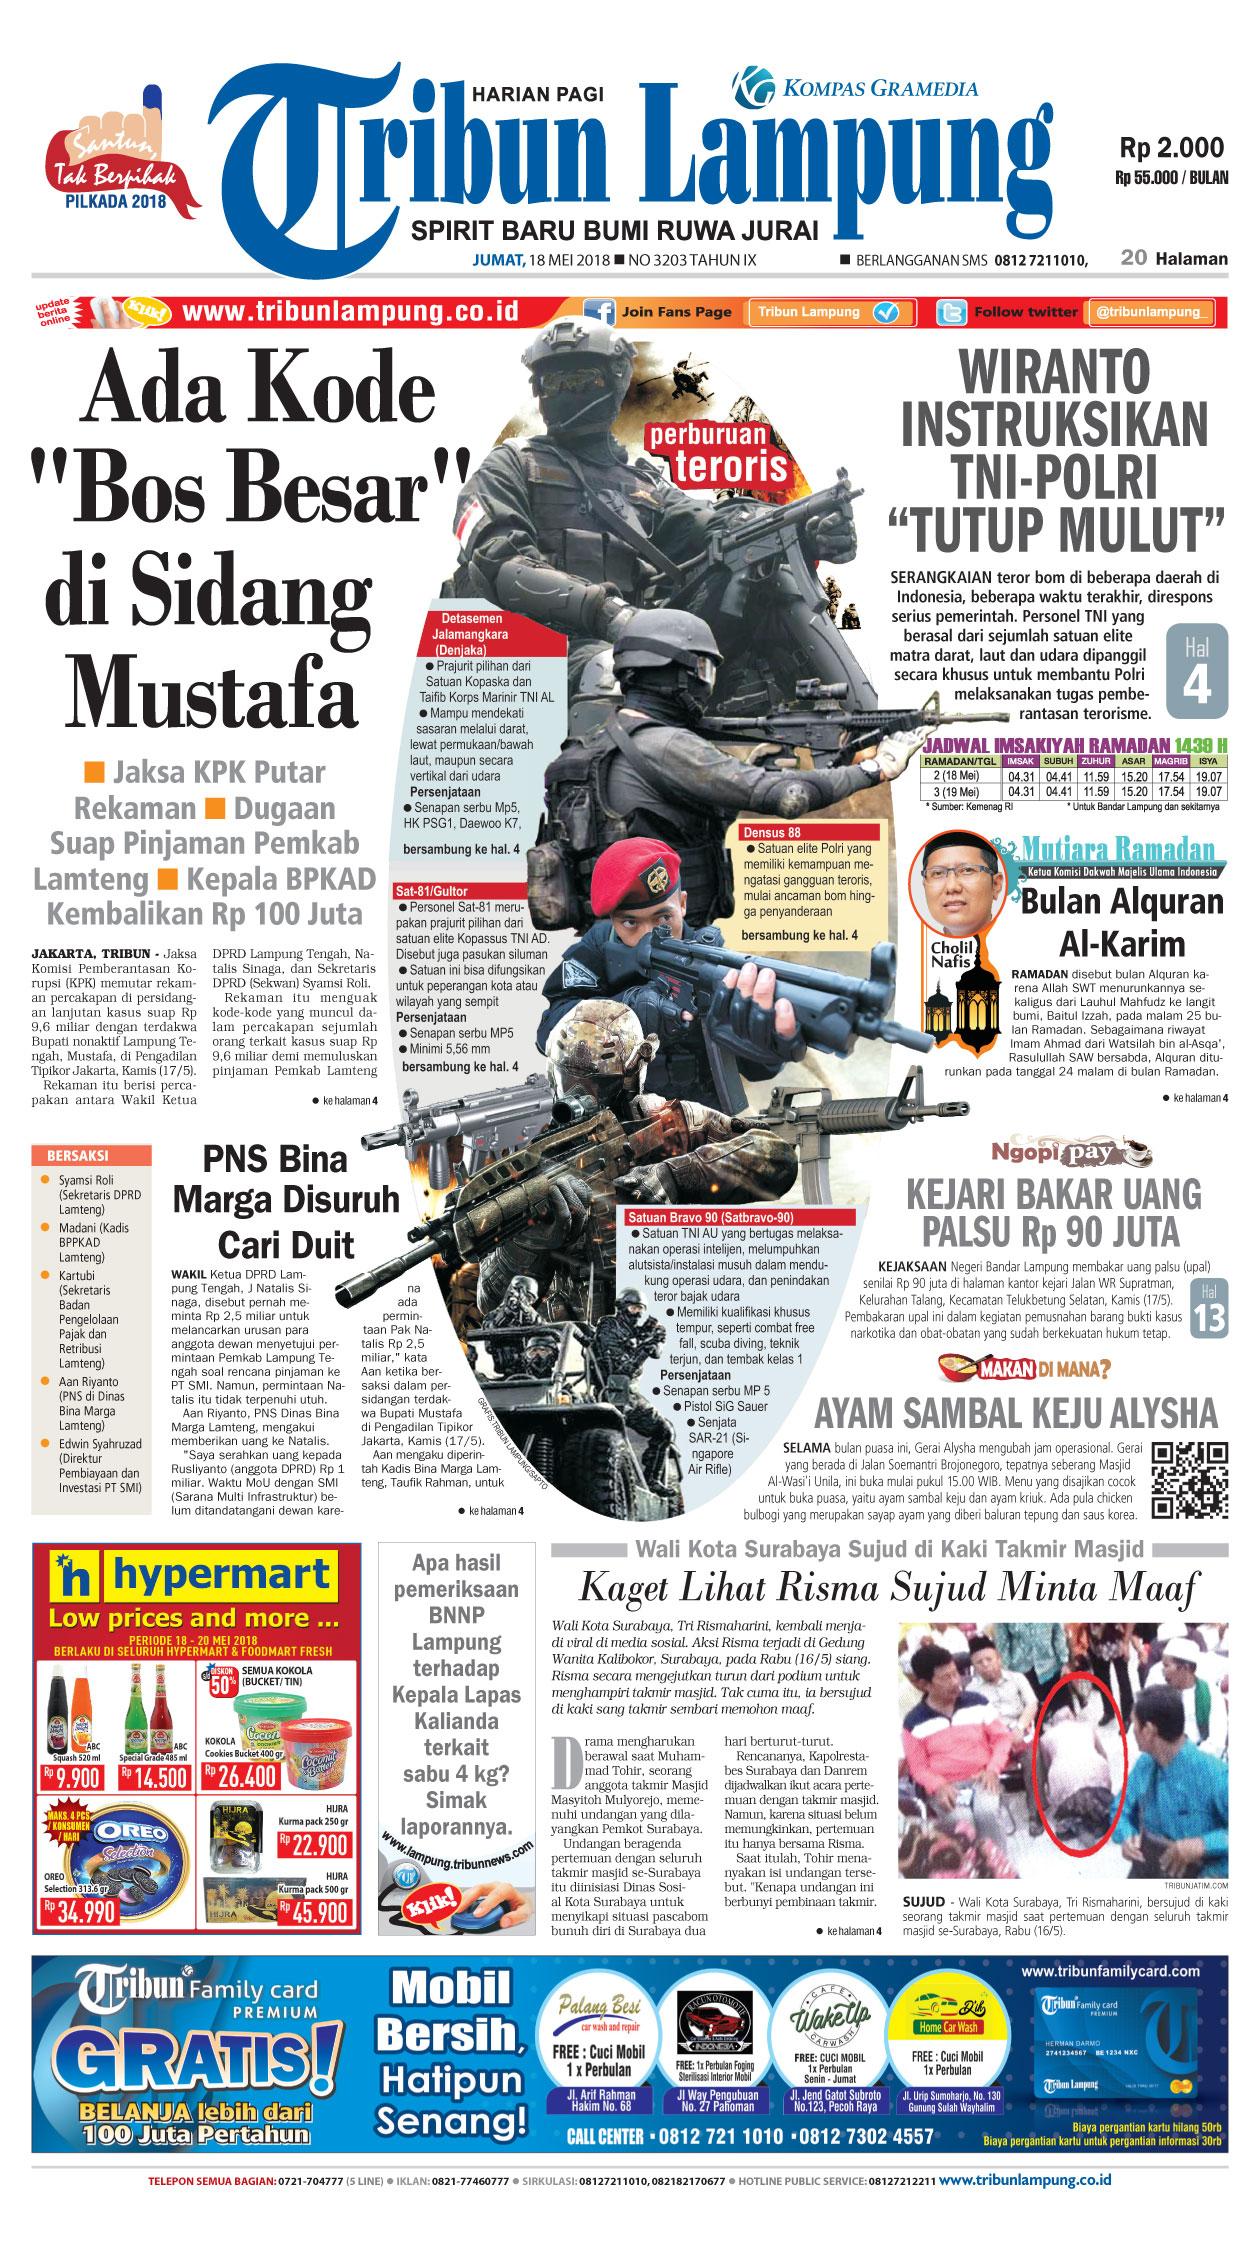 Tapak Jejak Tribun Lampung Hari Surat Kabar Harian Terbit Berkantor